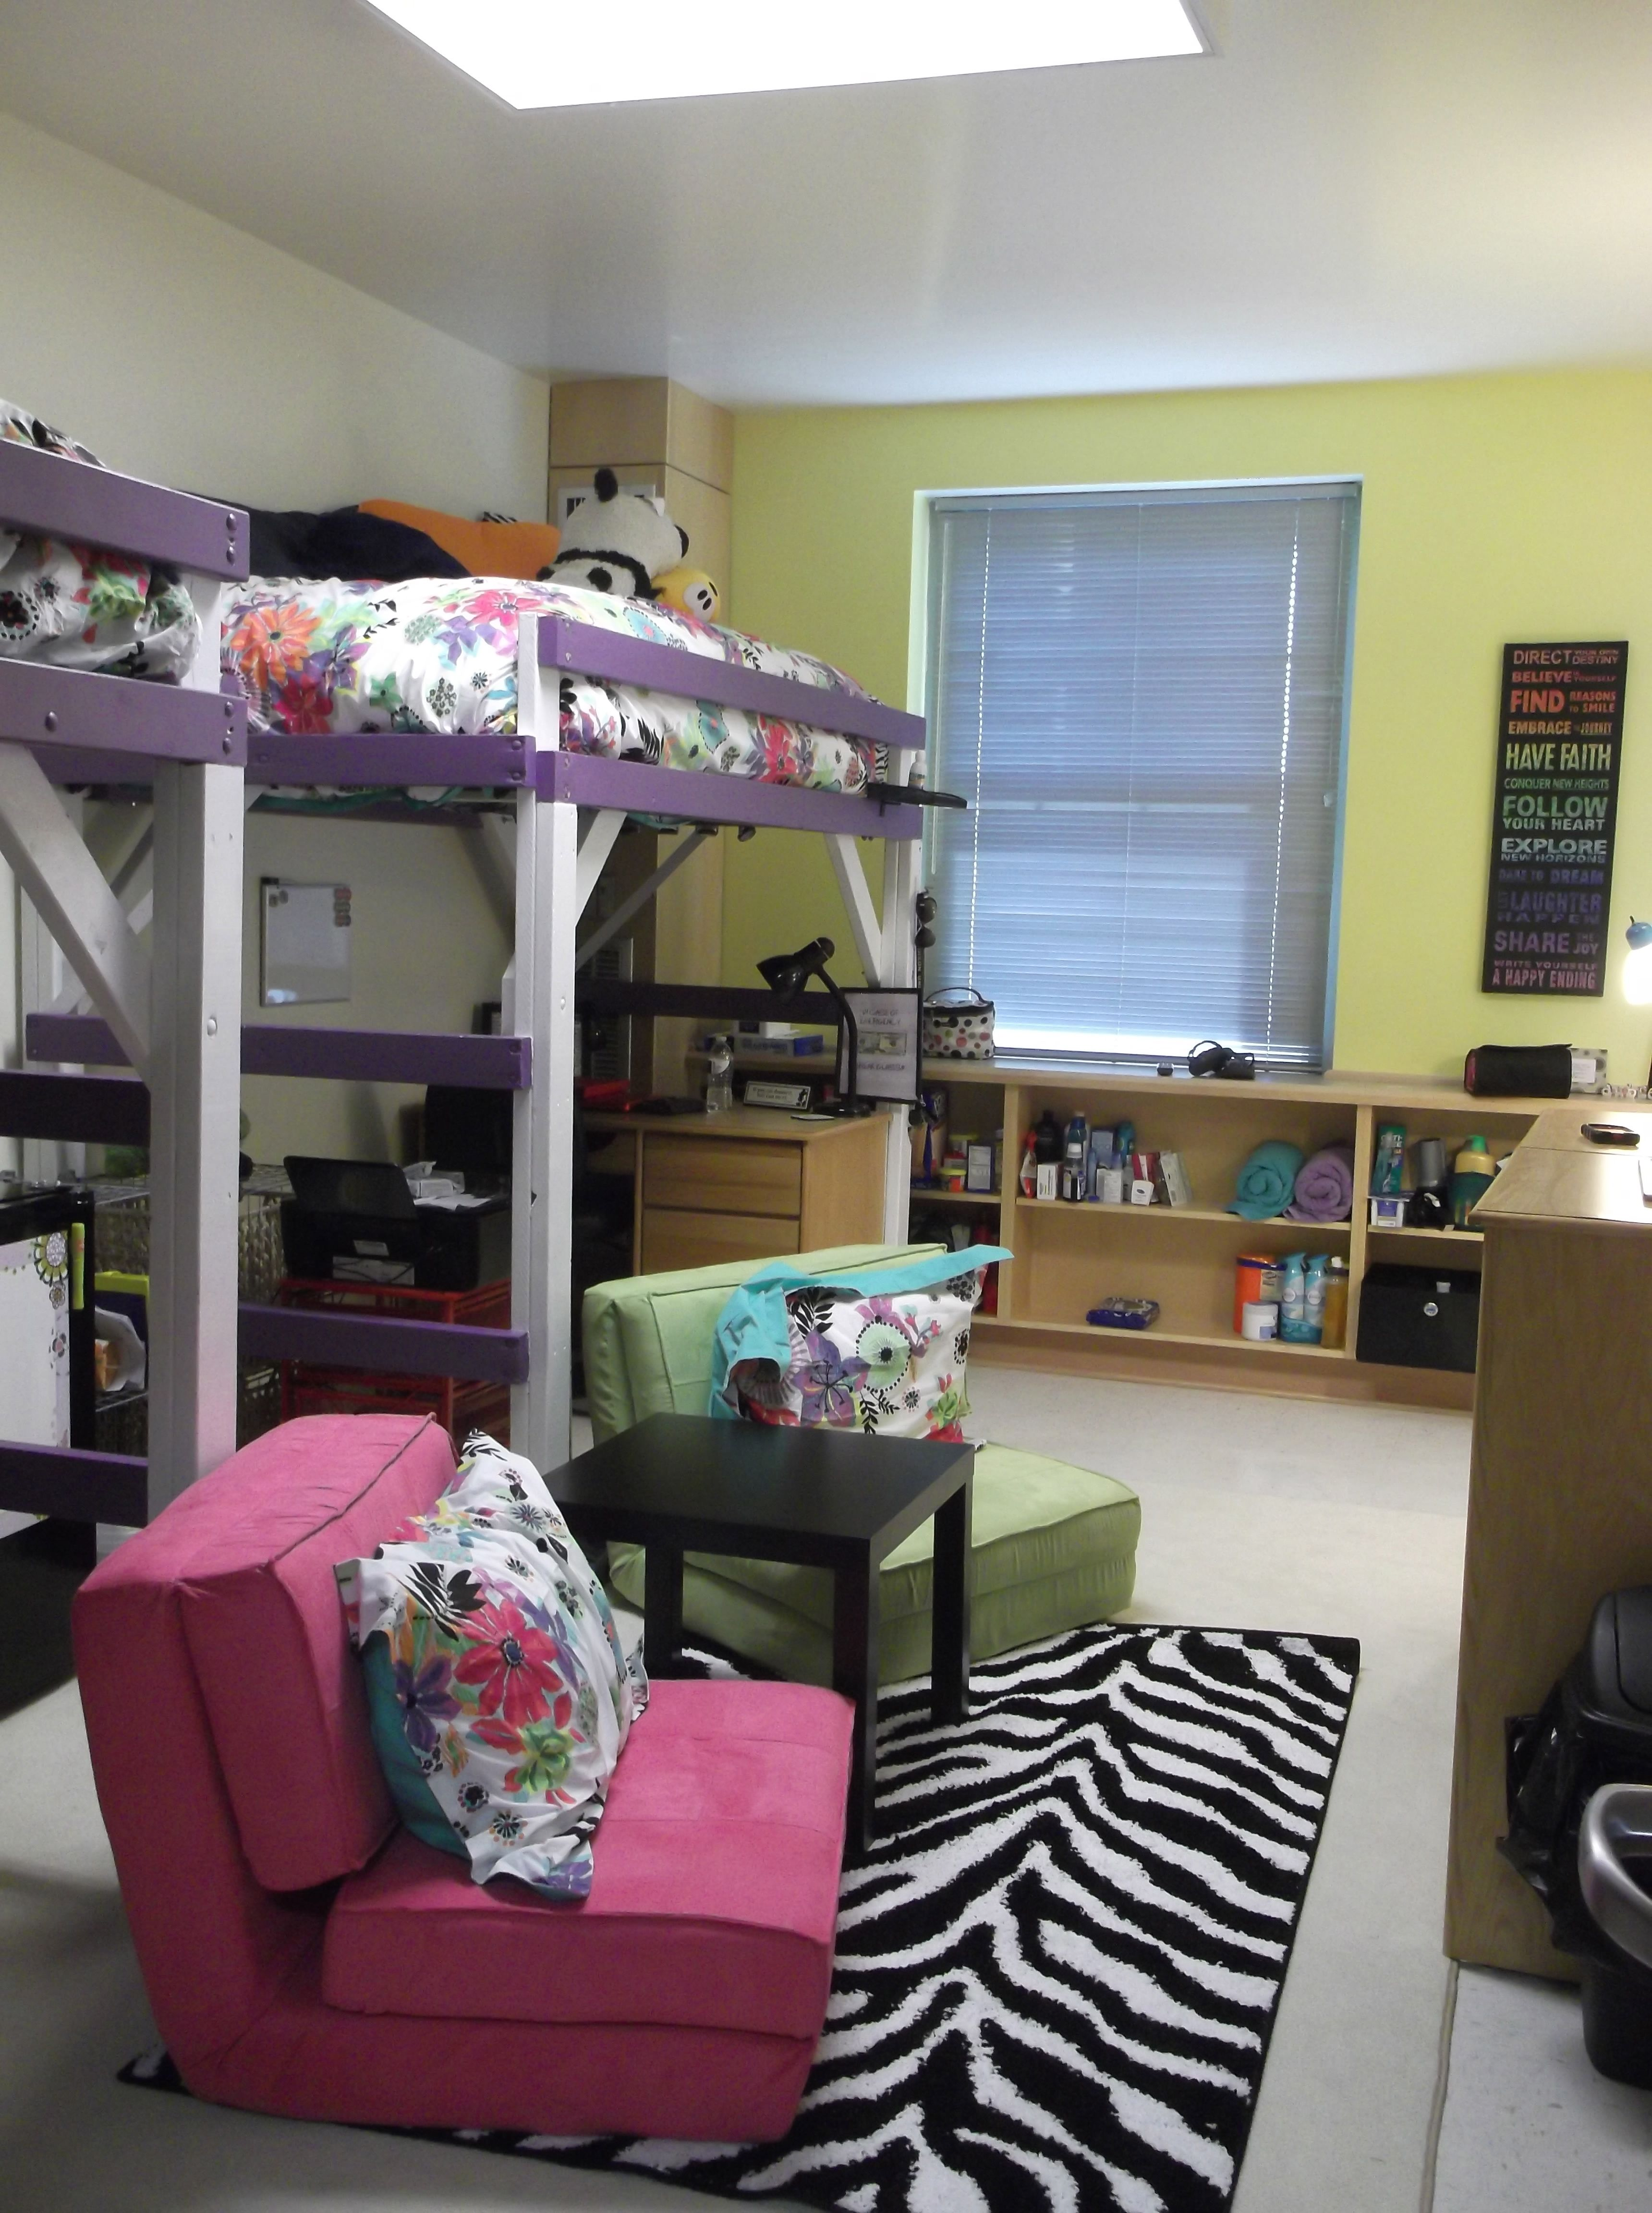 Dorm Room Furniture: Room Makeover, Dorm Room, Dorm